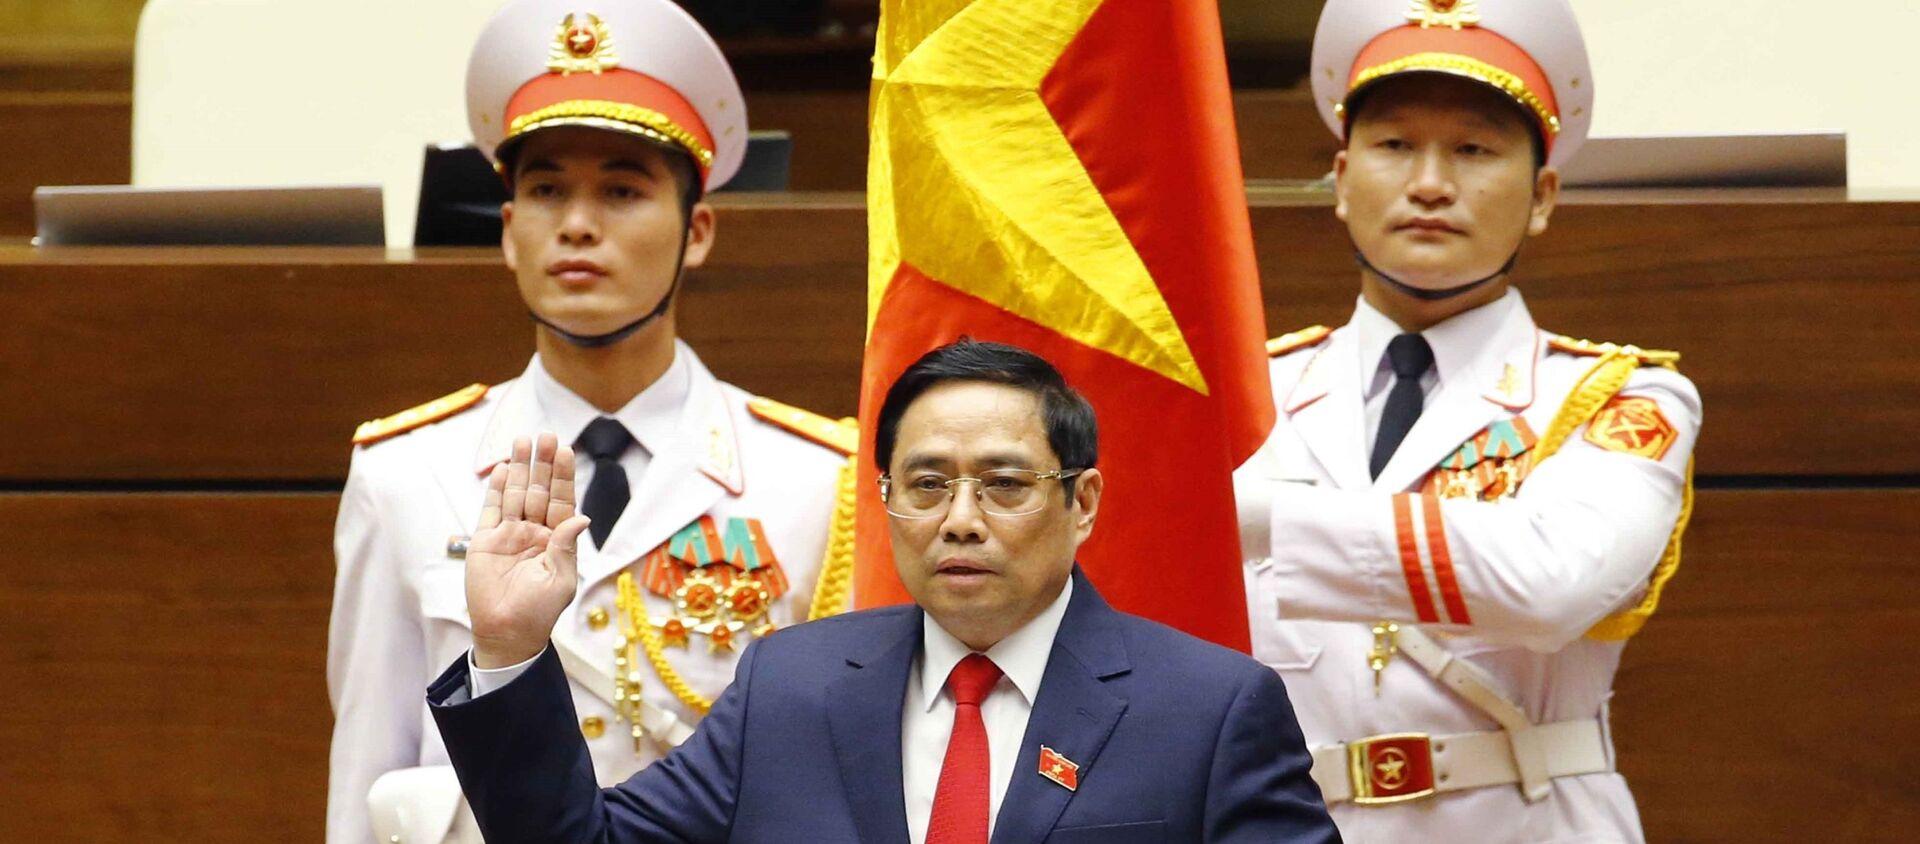 Đồng chí Phạm Minh Chính nhậm chức Thủ tướng Chính phủ nước Cộng hòa Xã hội chủ nghĩa Việt Nam - Sputnik Việt Nam, 1920, 26.07.2021